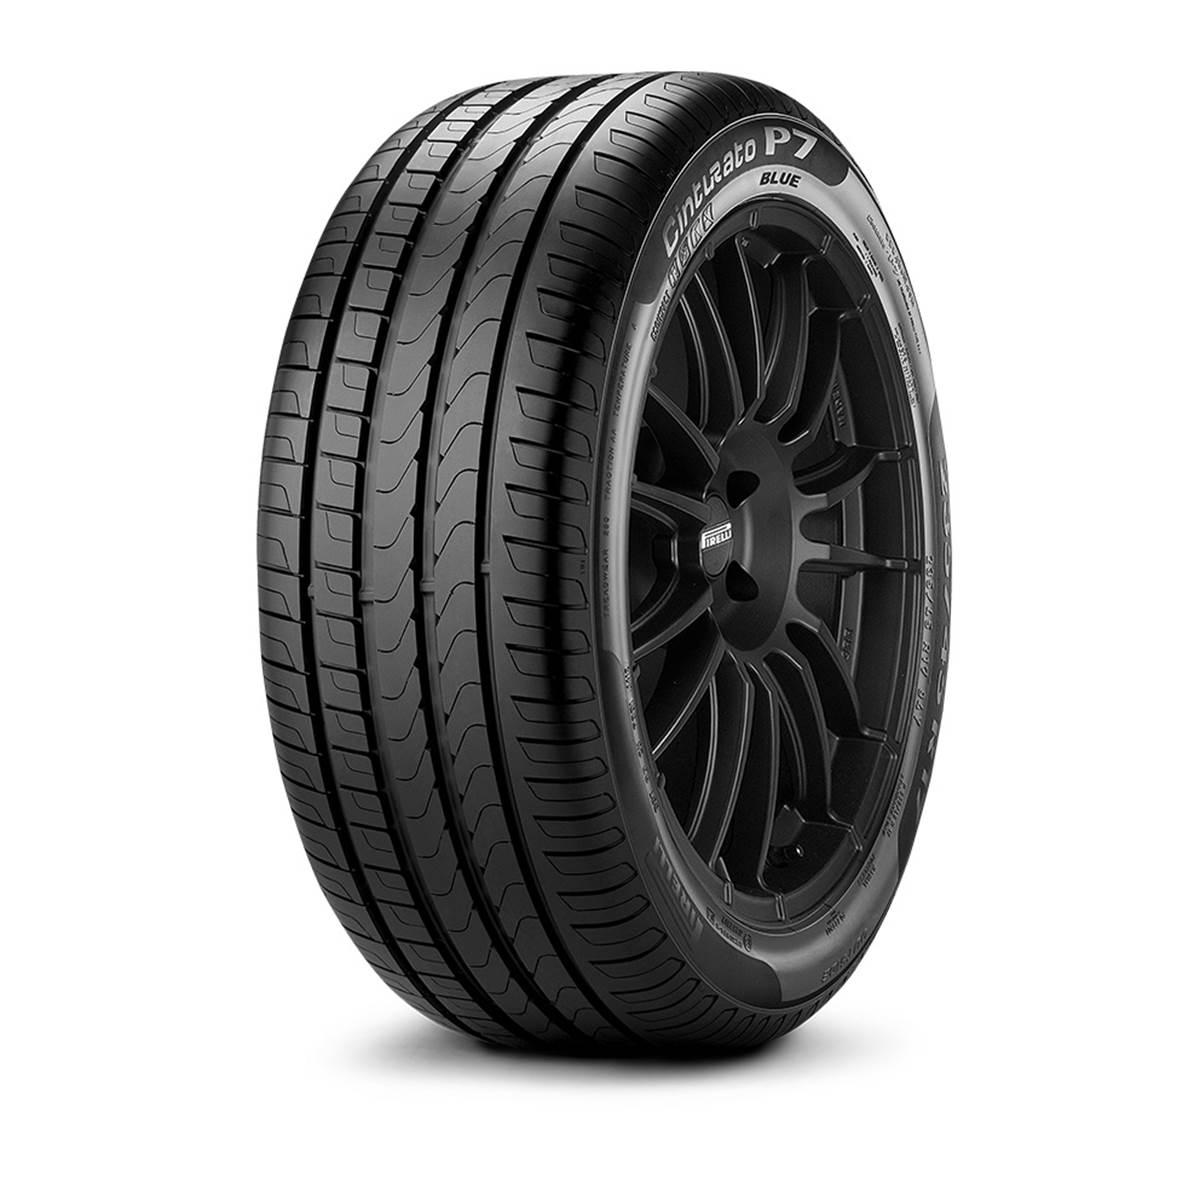 Pneu Pirelli 205/60R16 92V Cinturato P7 Blue